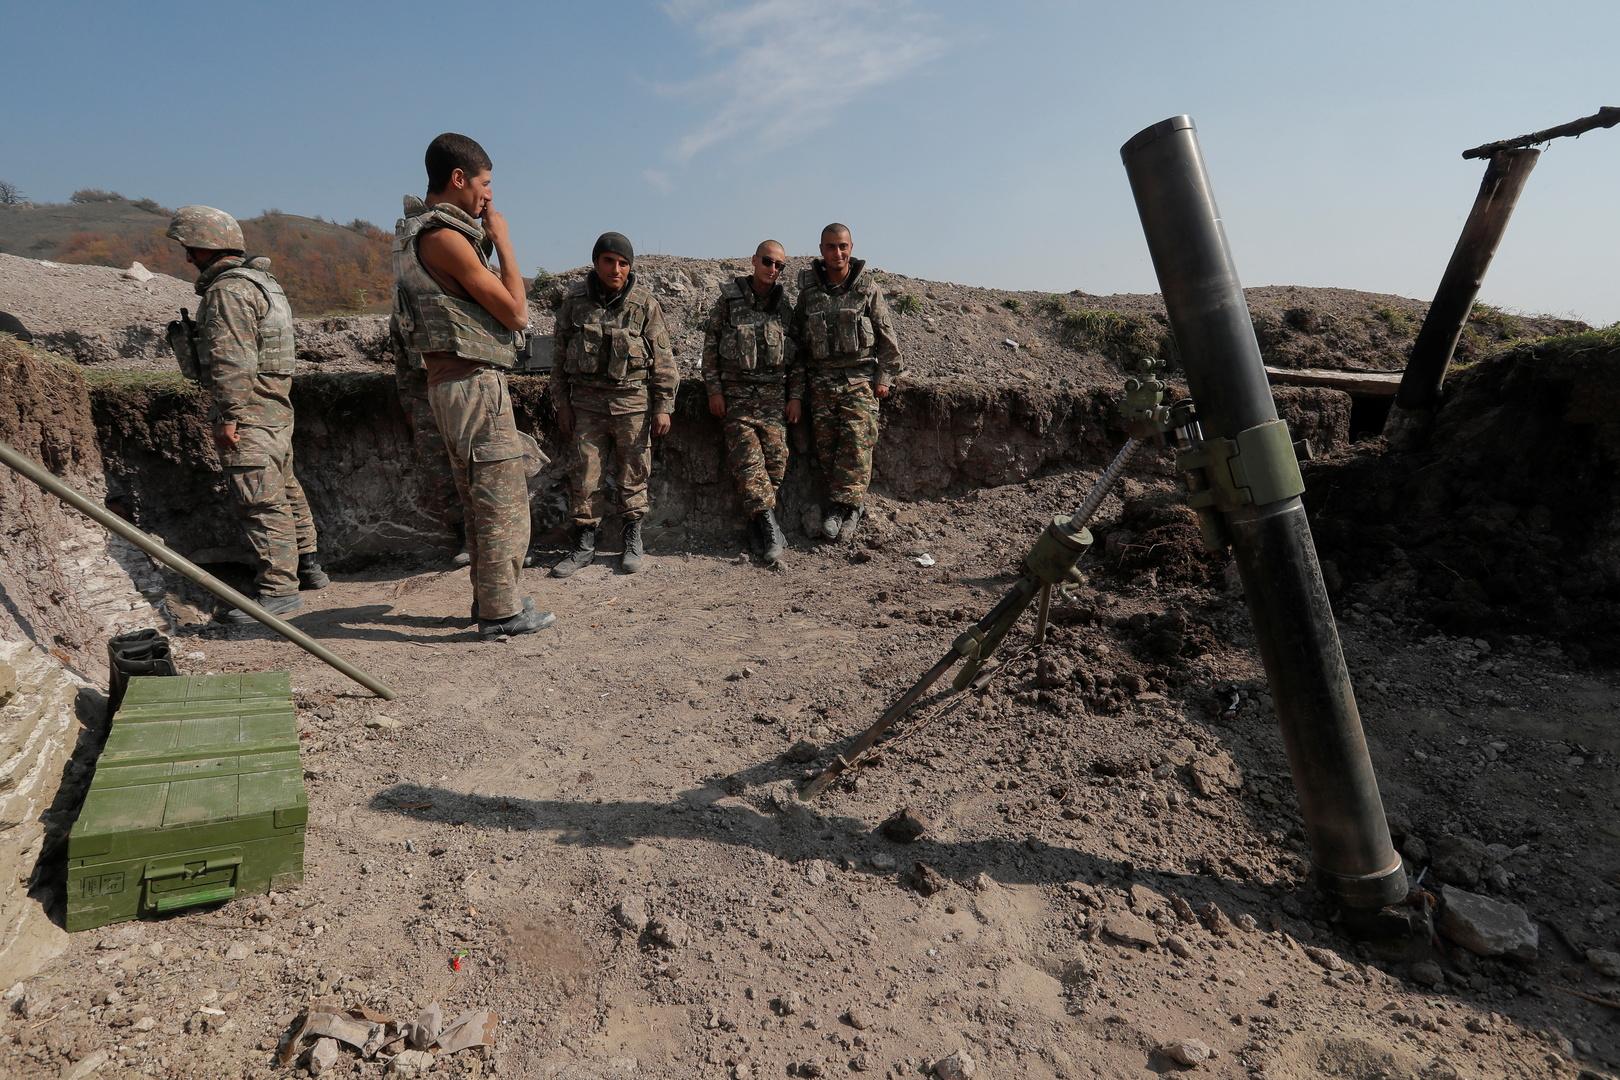 وزارة الدفاع الأرمنية: أذربيجان استخدمت الطيران التكتيكي في قره باغ